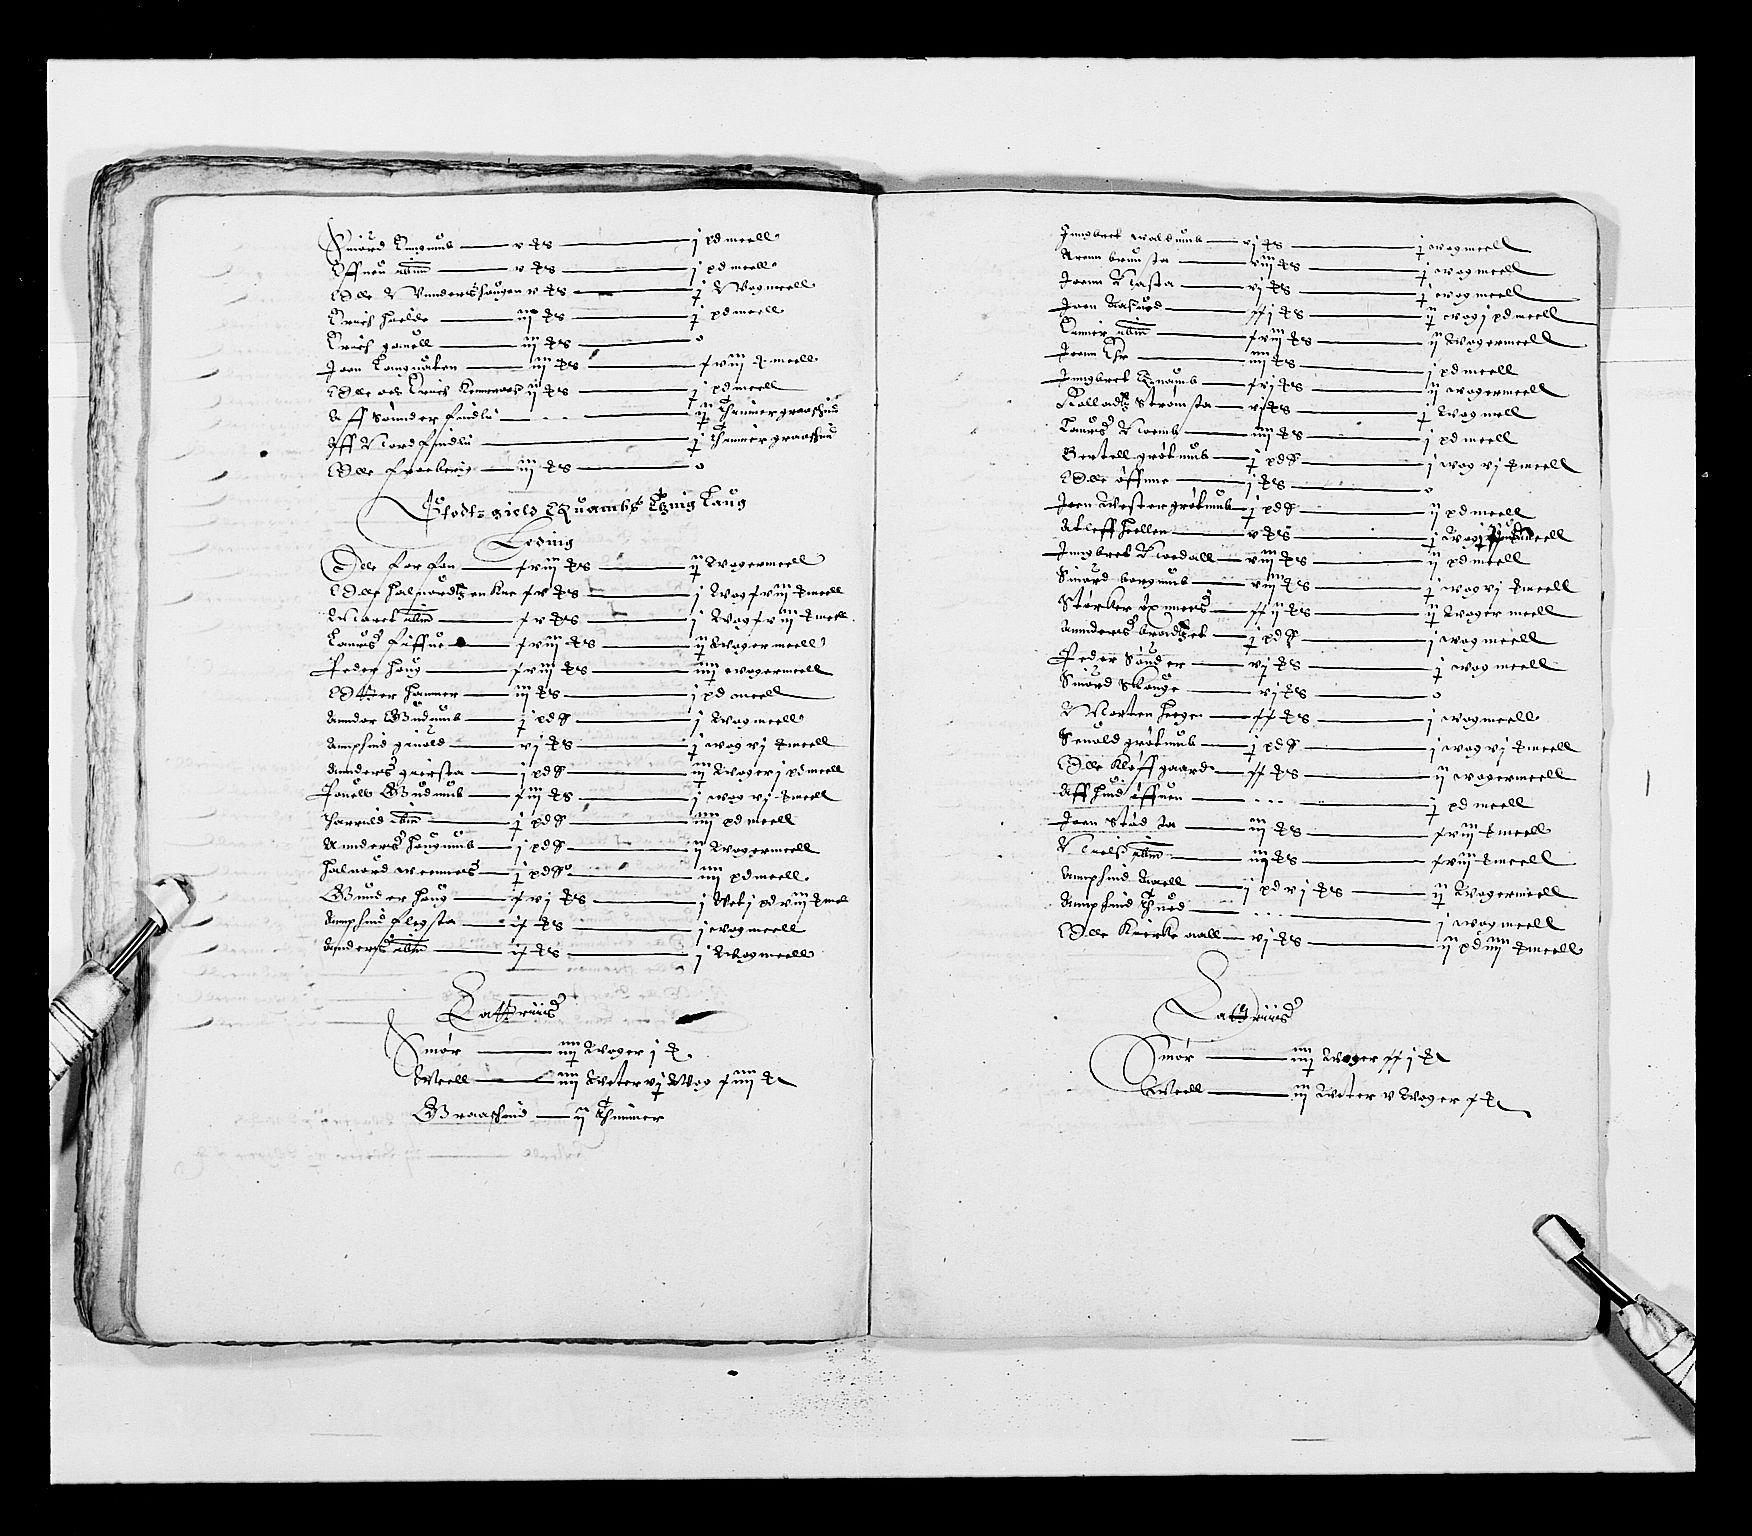 RA, Stattholderembetet 1572-1771, Ek/L0028: Jordebøker 1633-1658:, 1645-1646, s. 113